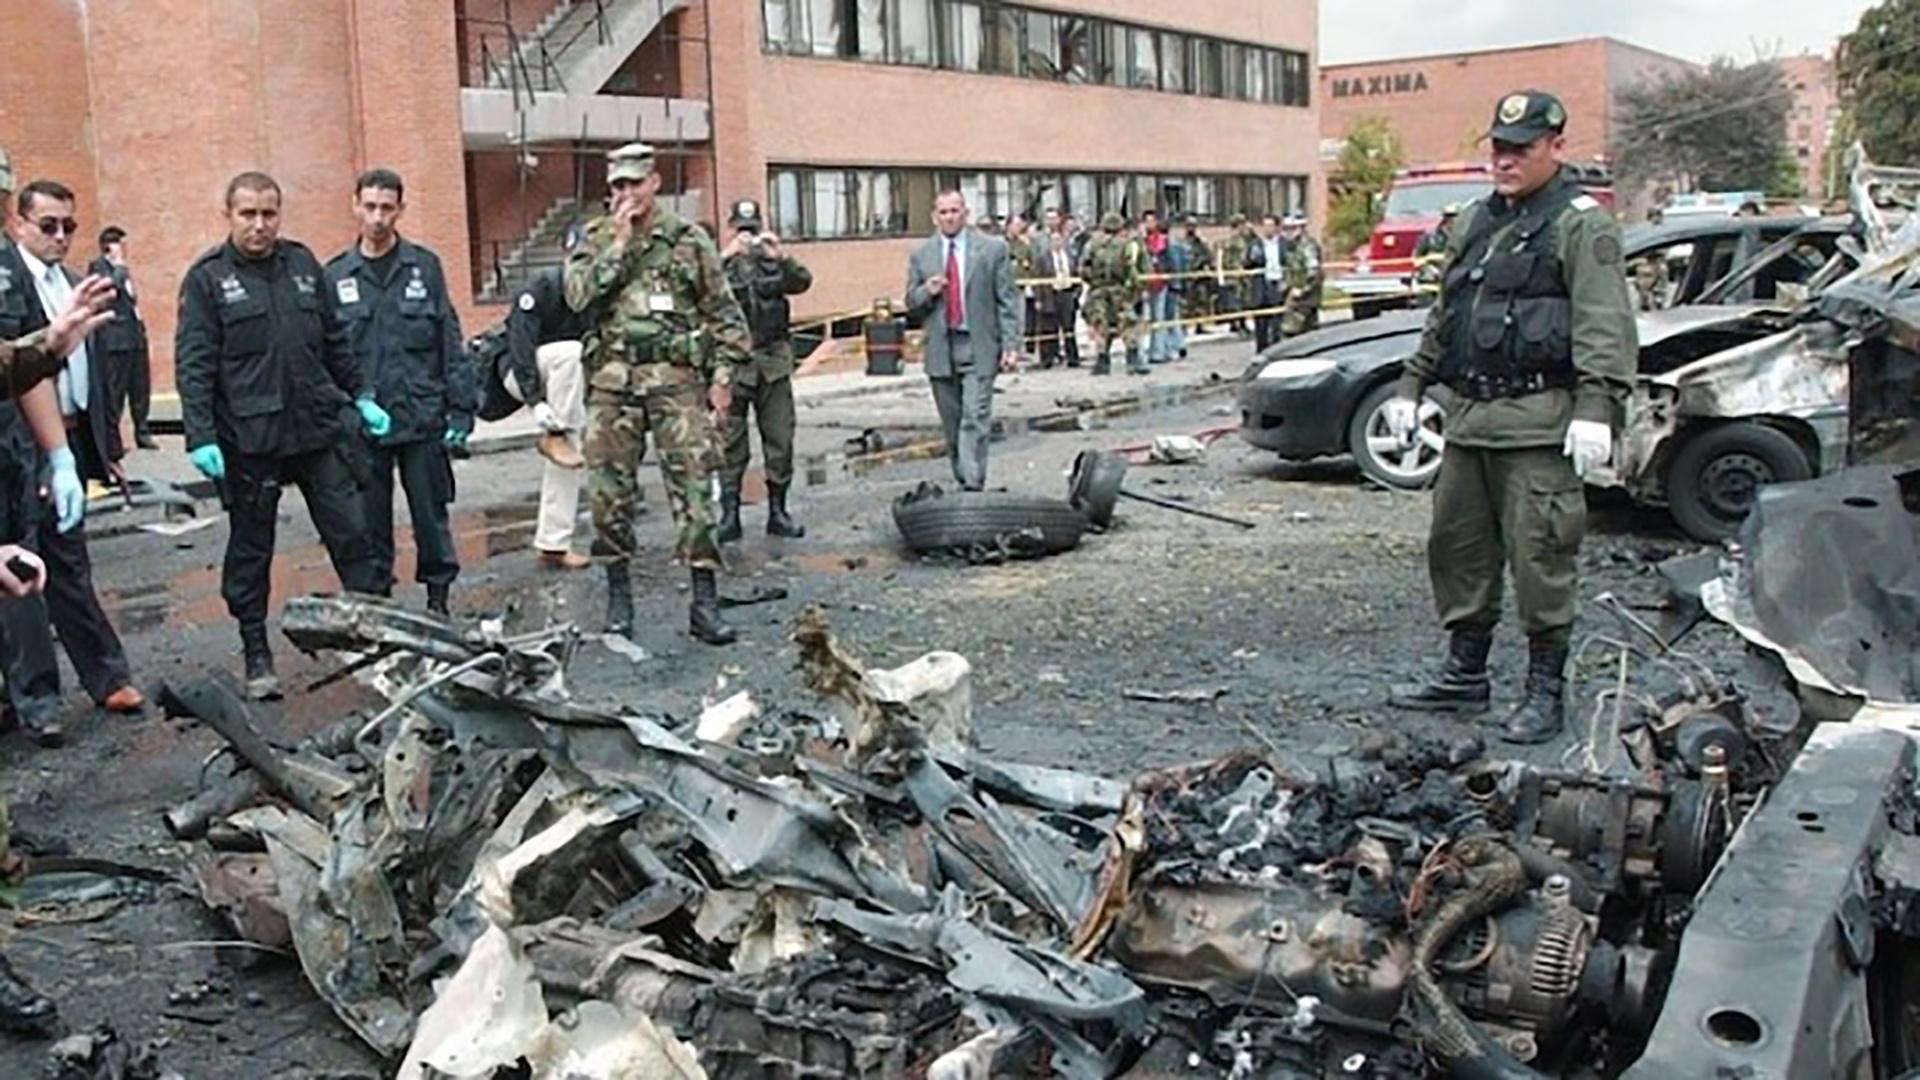 El carro comba con 80 kilos de explosivo de pentolita dejó 22 muertos, entre ellos el terrorista que ingresó el vehículo a la escuela policial de Bogotá.